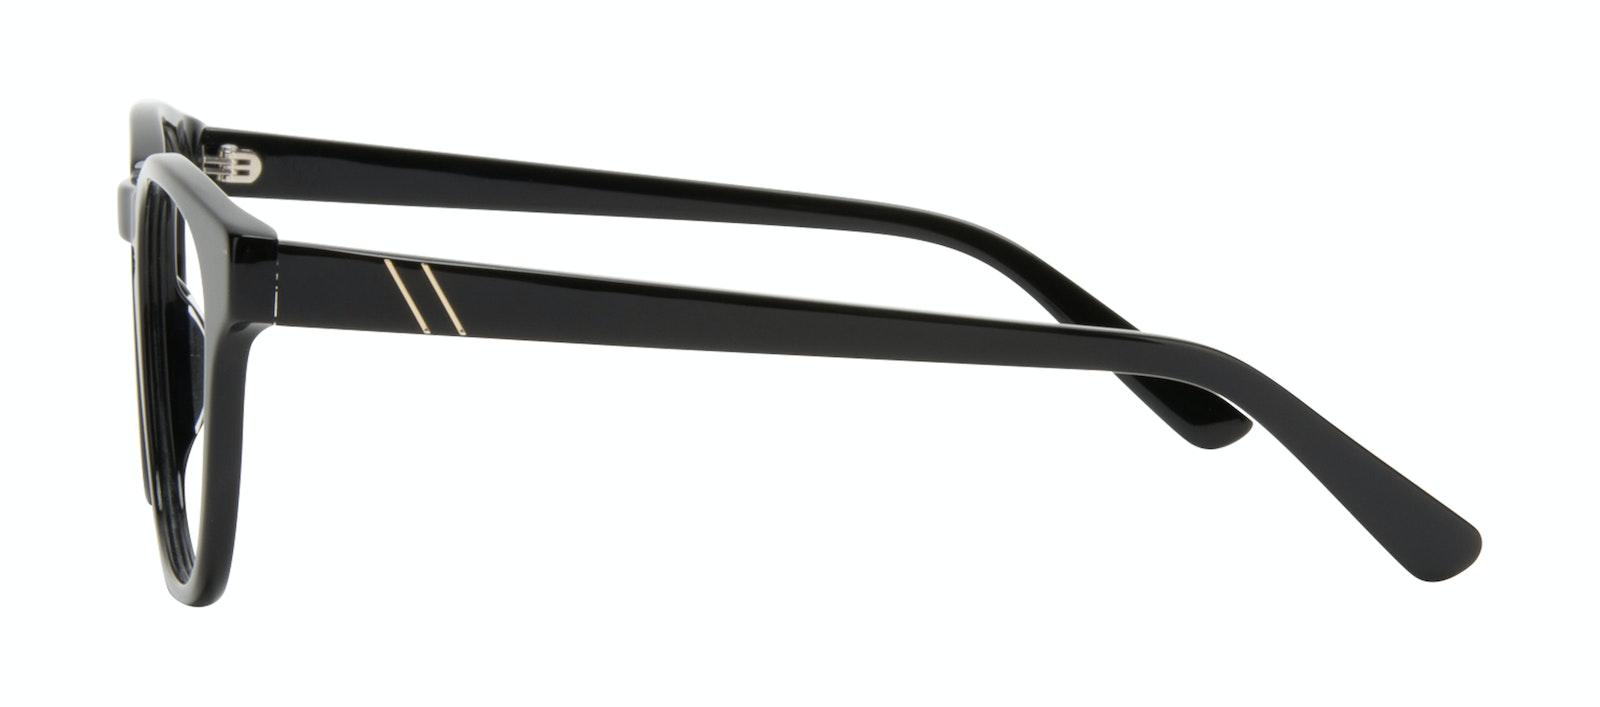 Affordable Fashion Glasses Square Eyeglasses Men Outline Black Tort Side